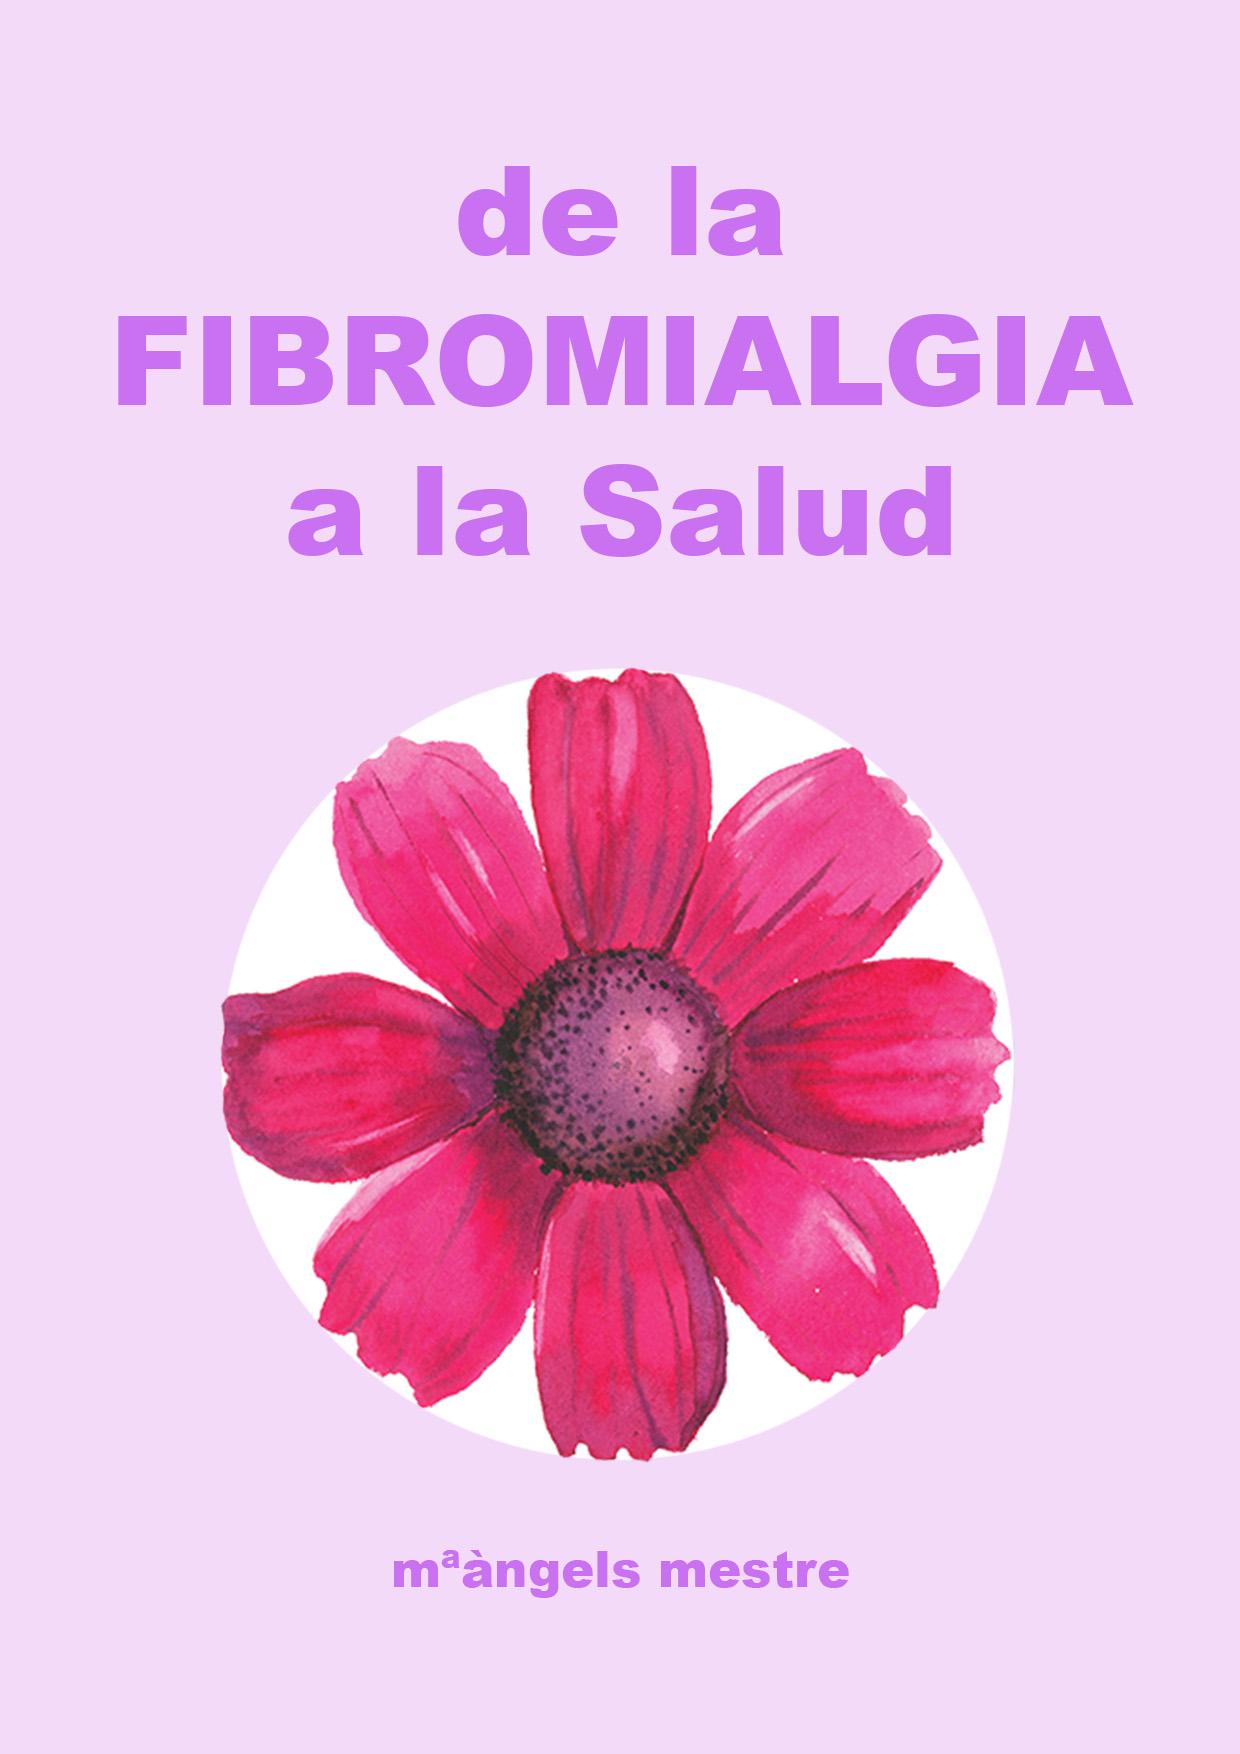 De la fibromialgia a la Salud